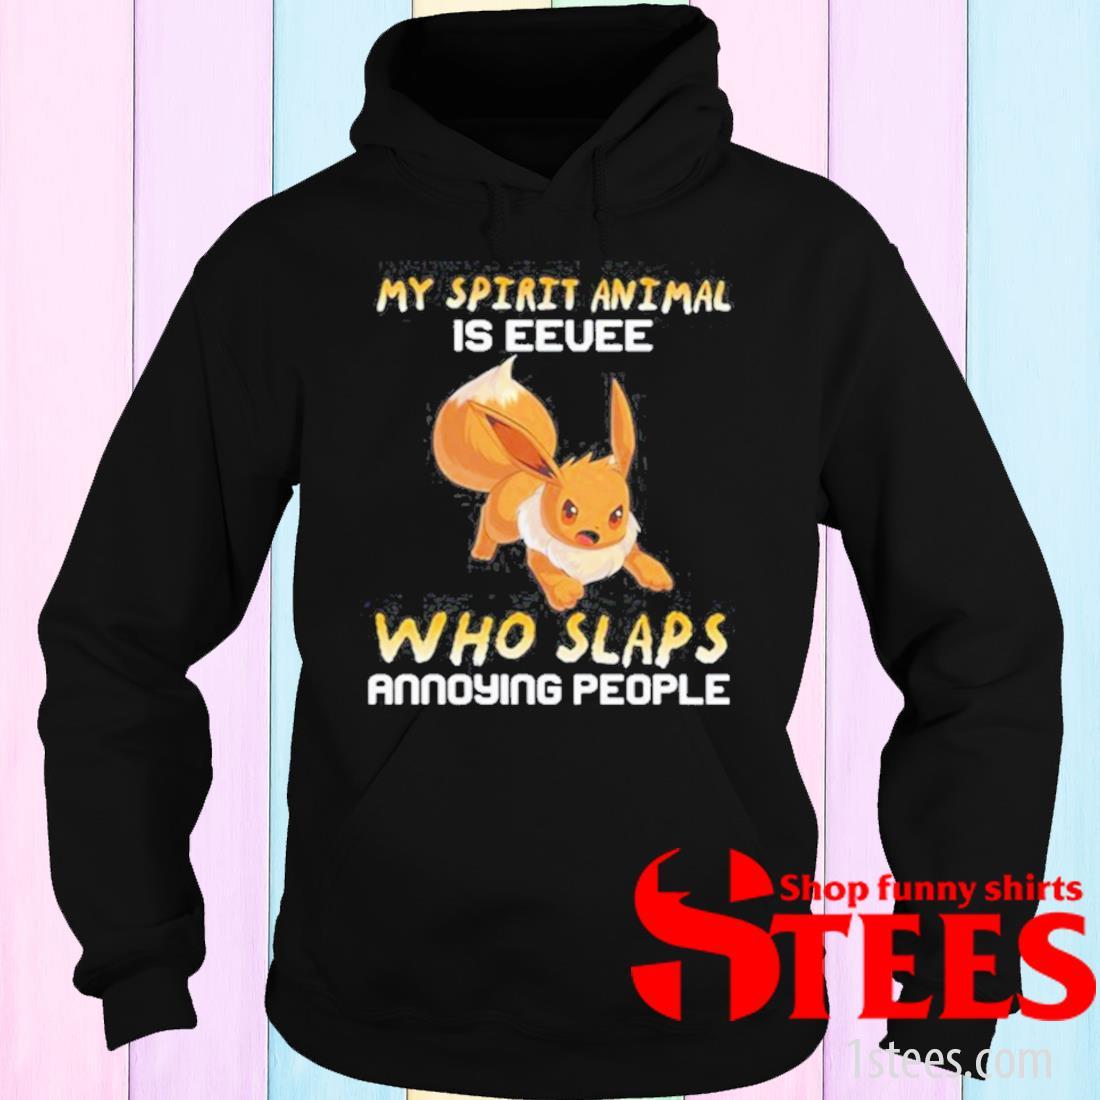 My Spirit Animal Is Eevee Who Slaps Annoying People Shirt hoodie